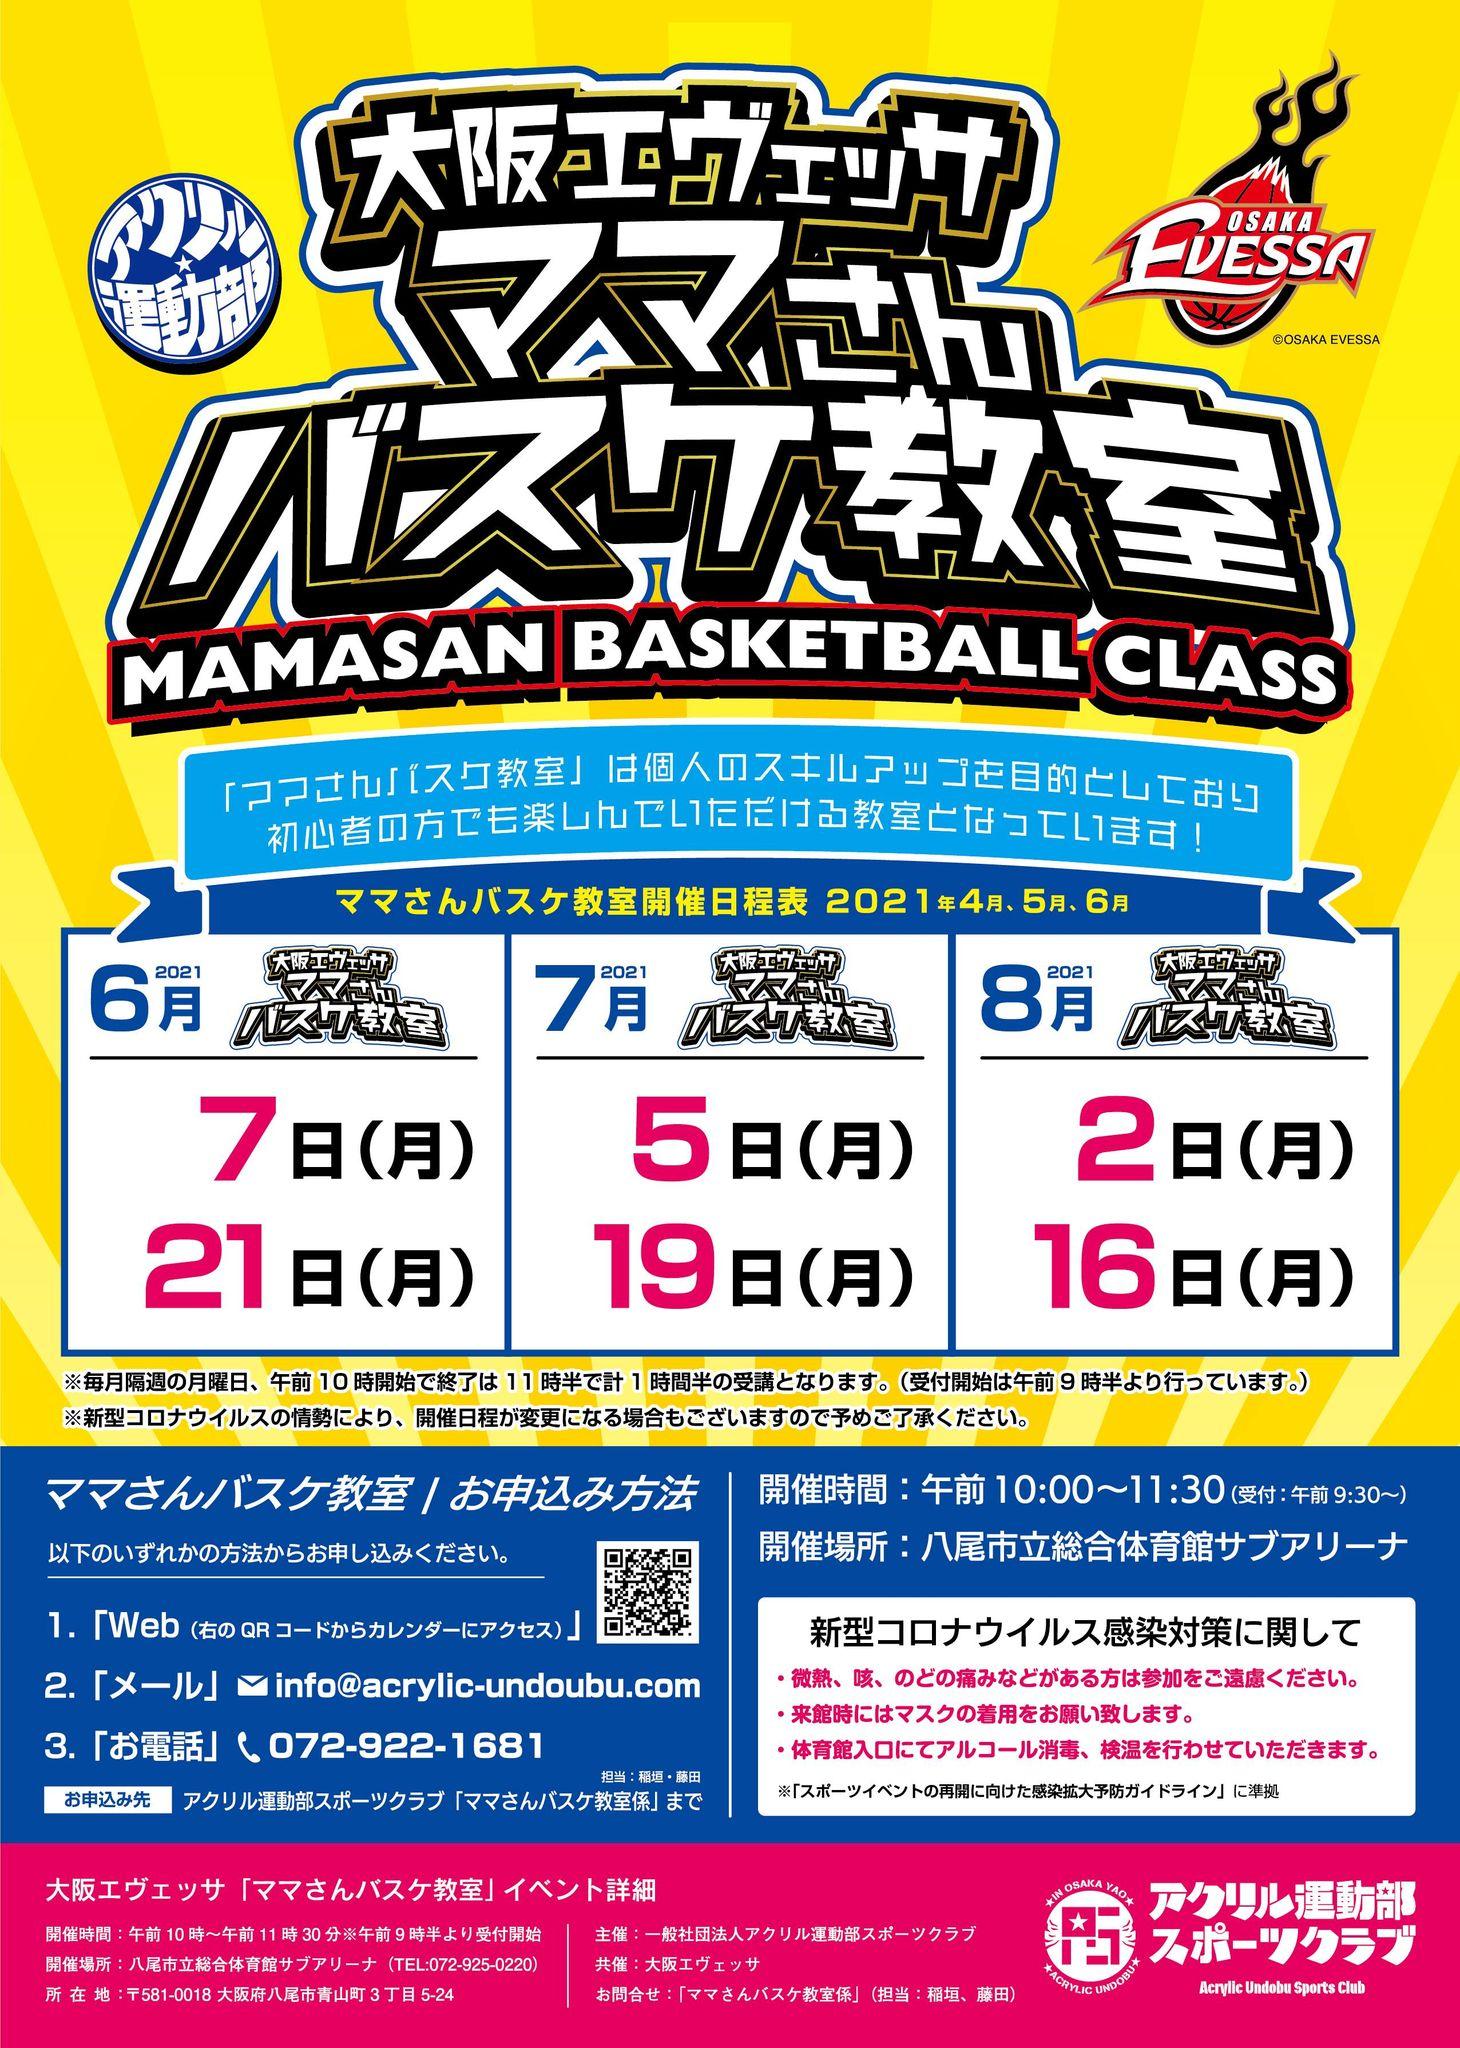 大阪エヴェッサ【ママさんバスケ教室】パンフレット2021画像